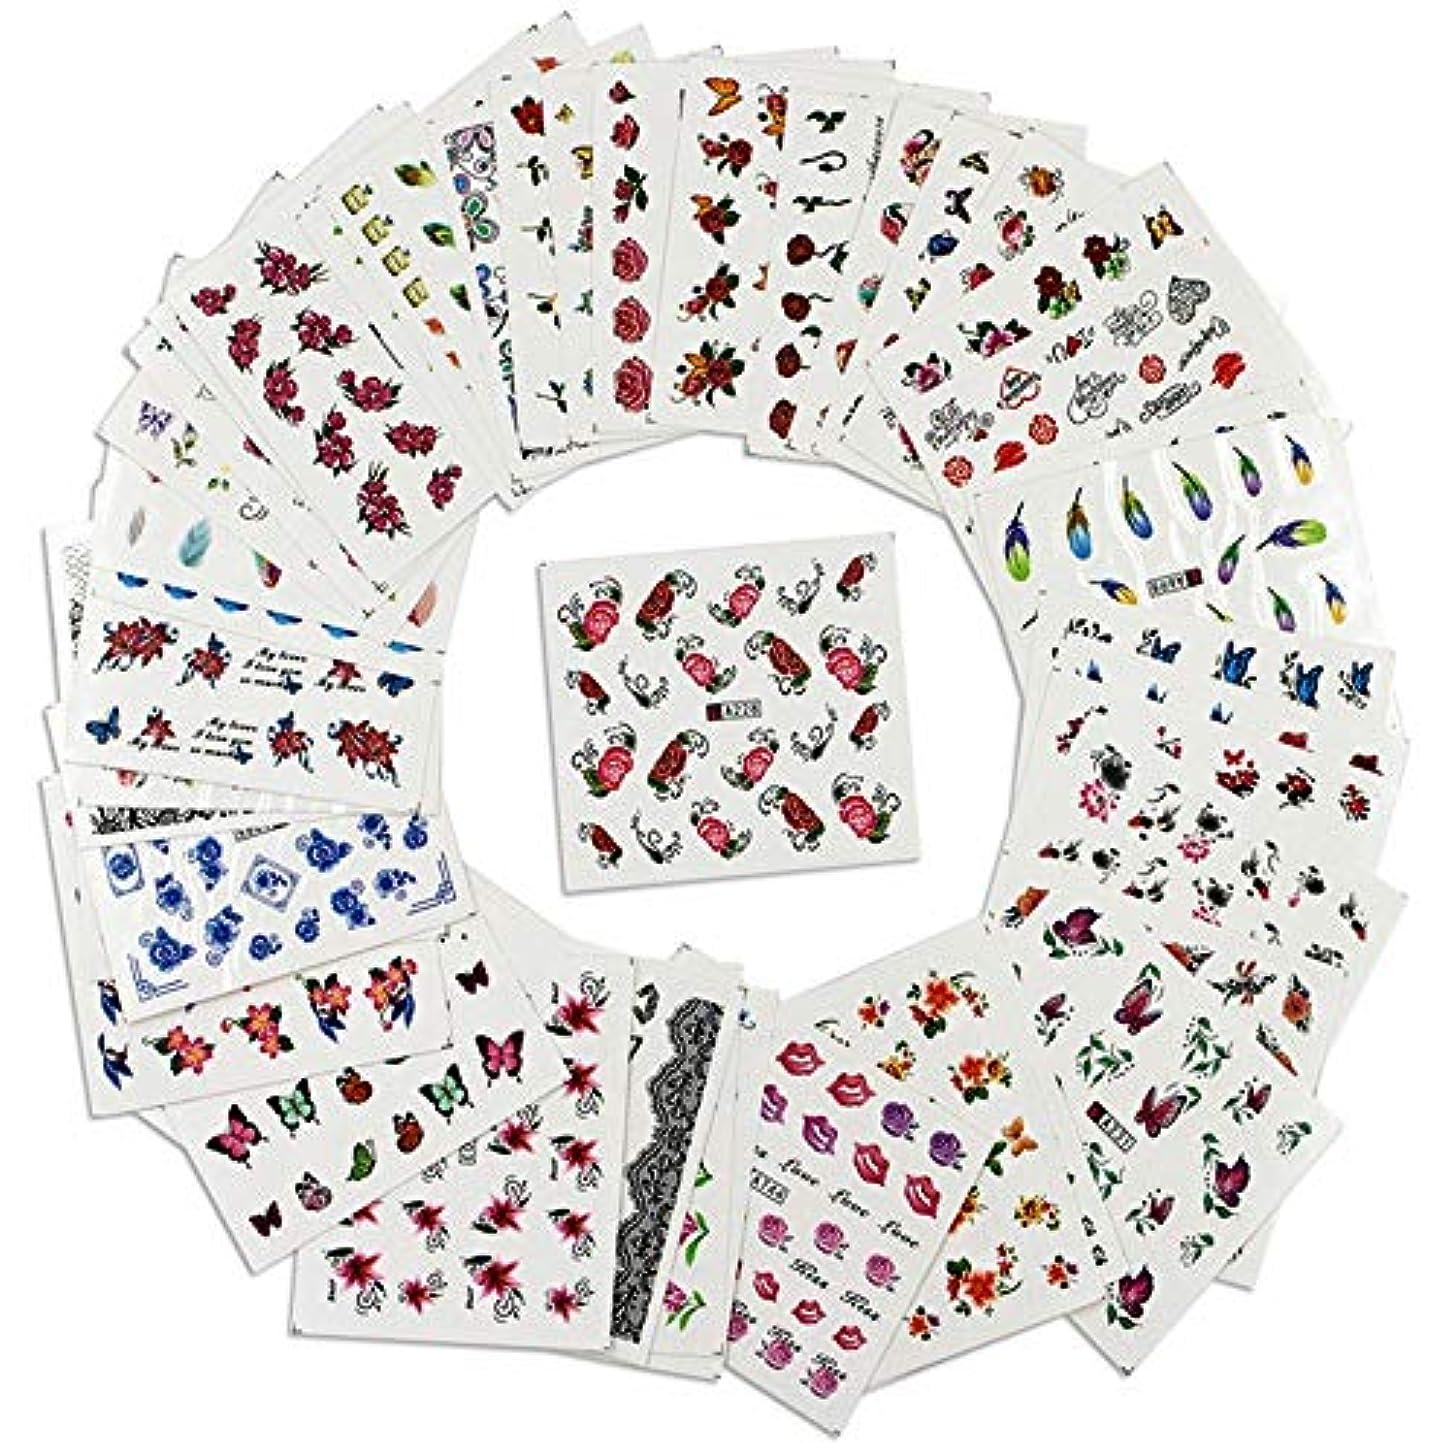 毒液コットン六分儀50個の異なるスタイルパターンDIYネイルアートステッカー転写透かしネイルステッカー付きピンセット